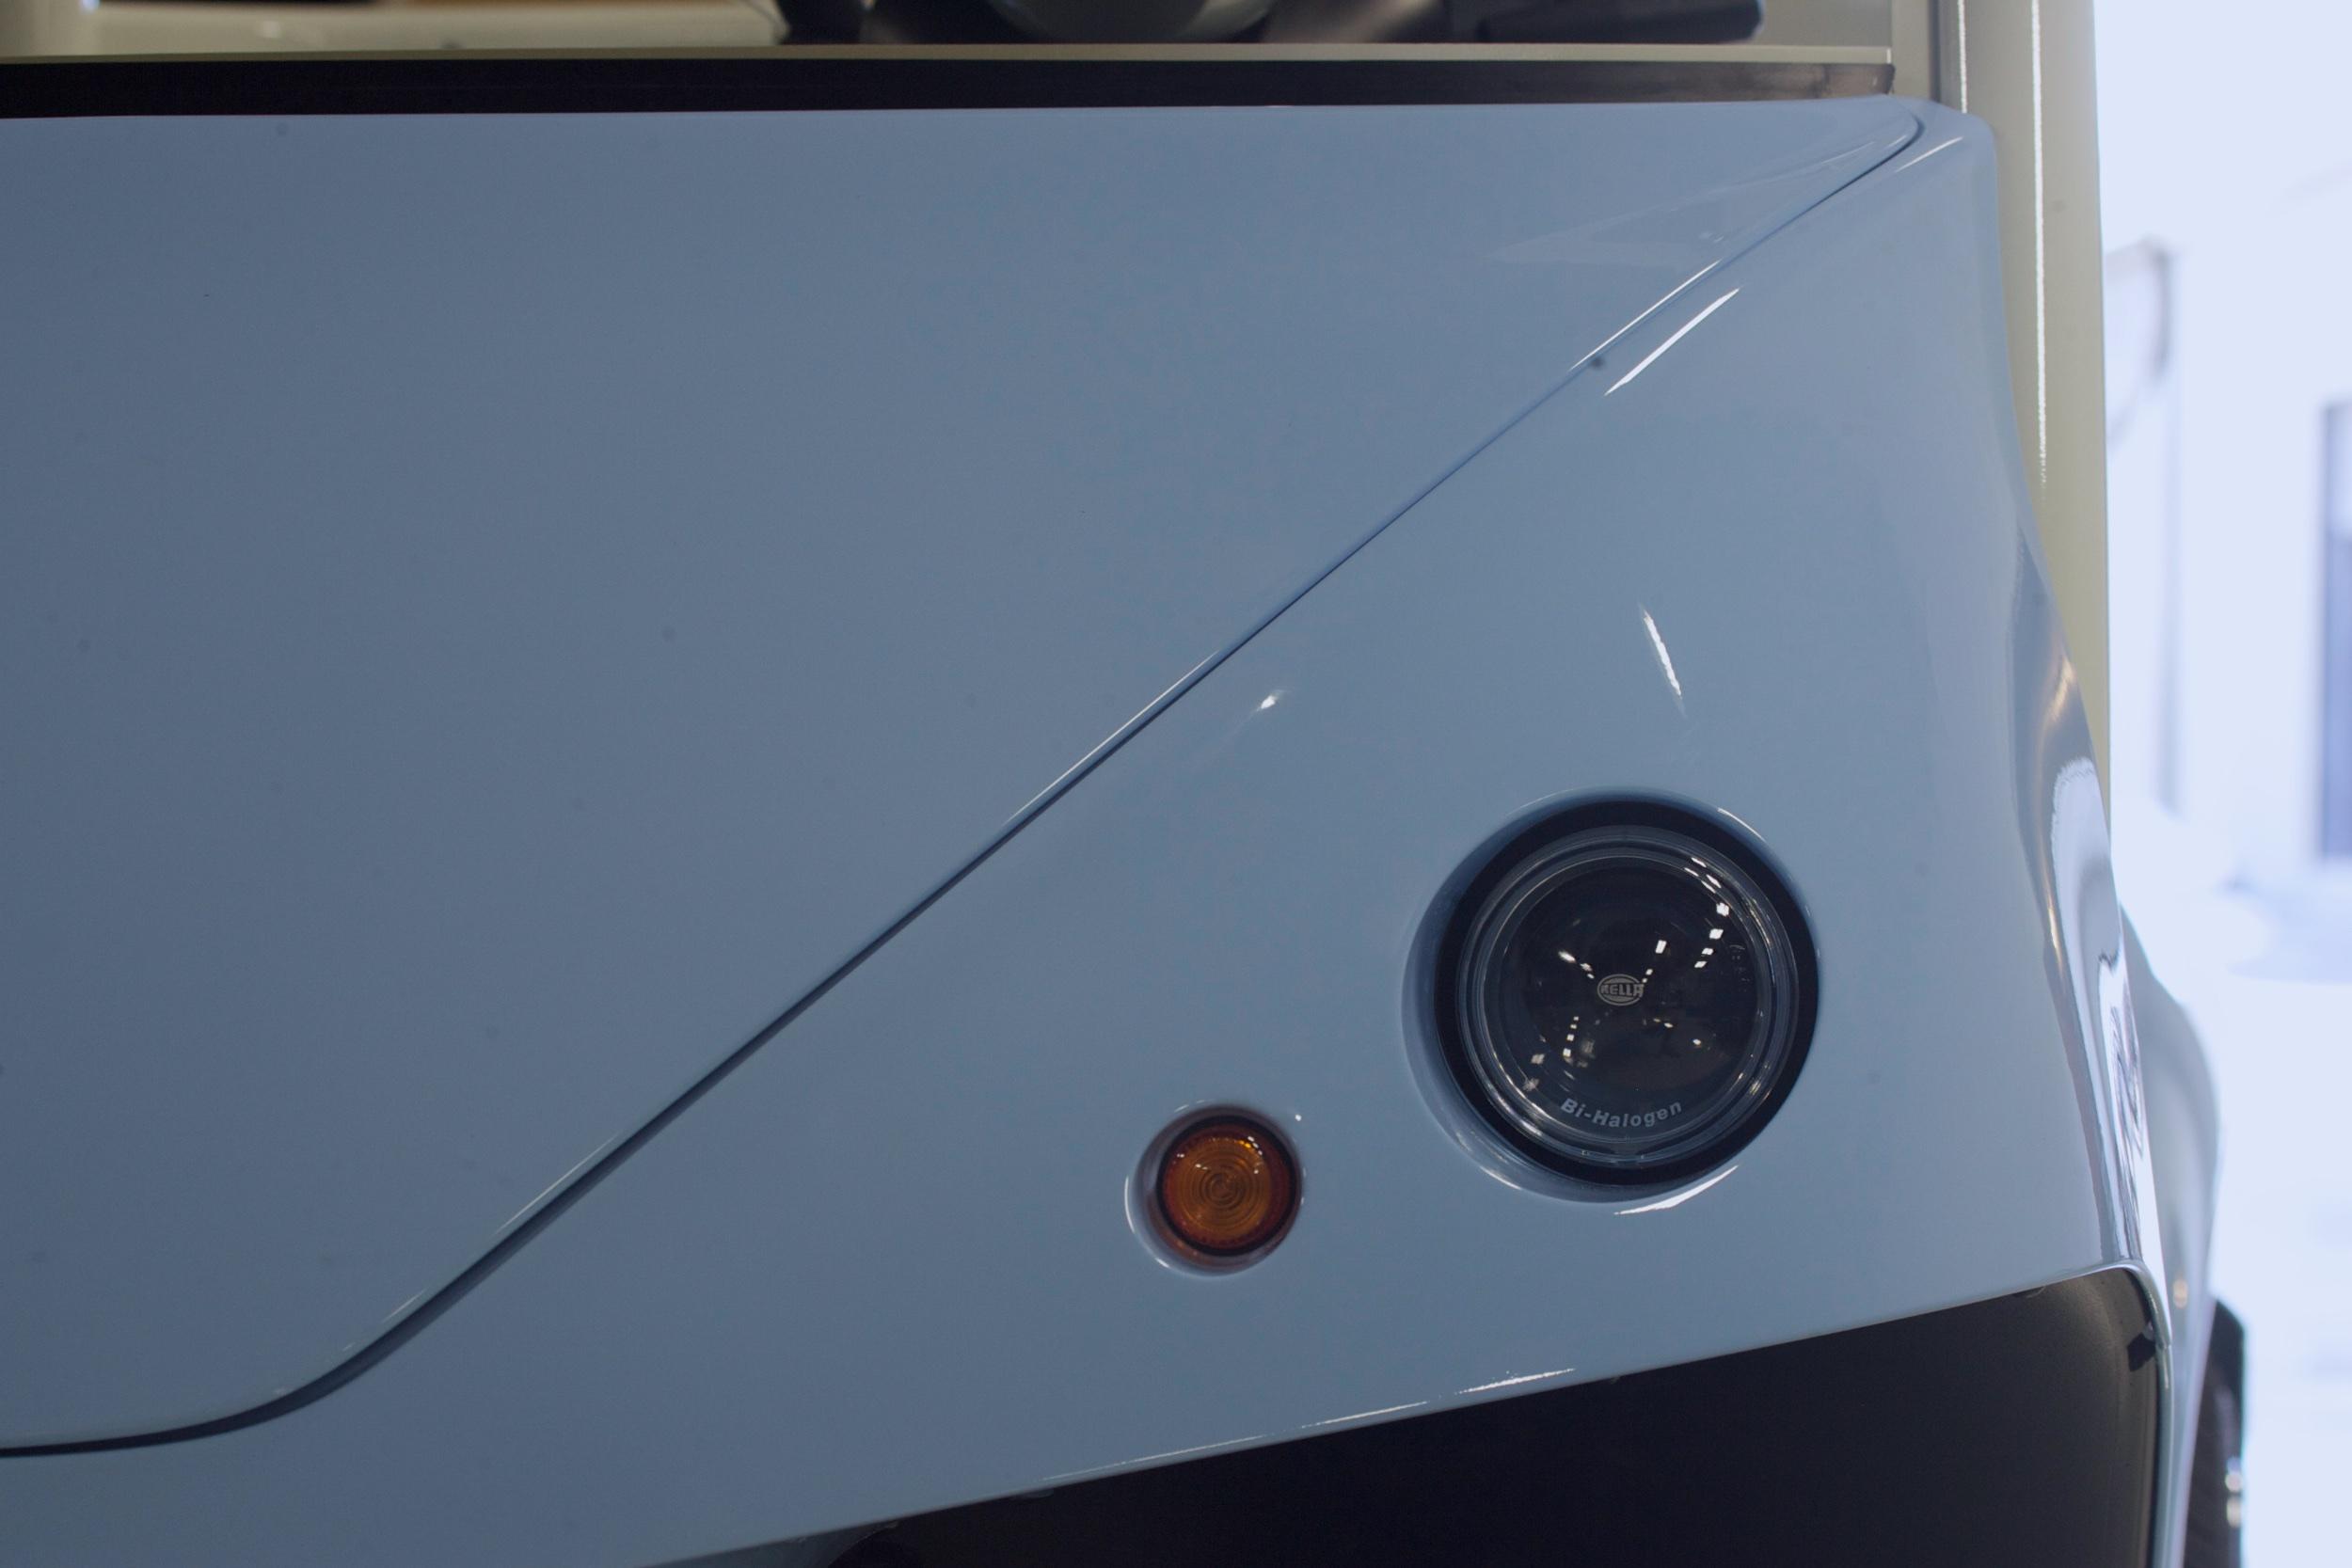 010_Michael Jordan Golf Car-KB9D1179.jpg